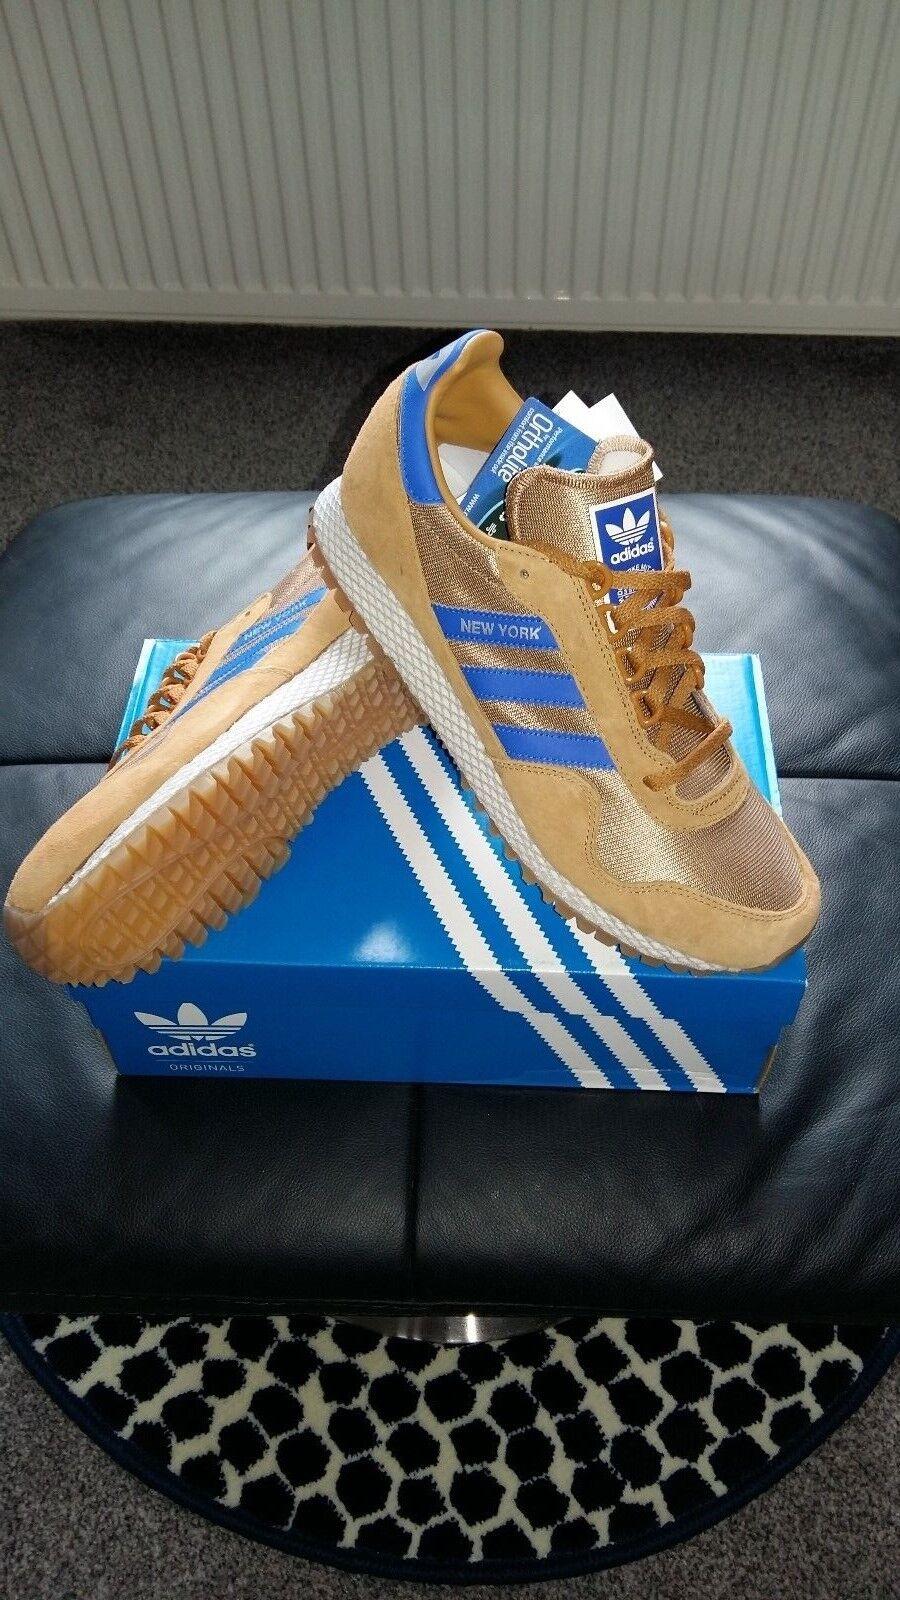 Adidas New Zapatillas York Originales.. Old Skool Zapatillas New Reino Unido 40 2/3 euros 7ce011